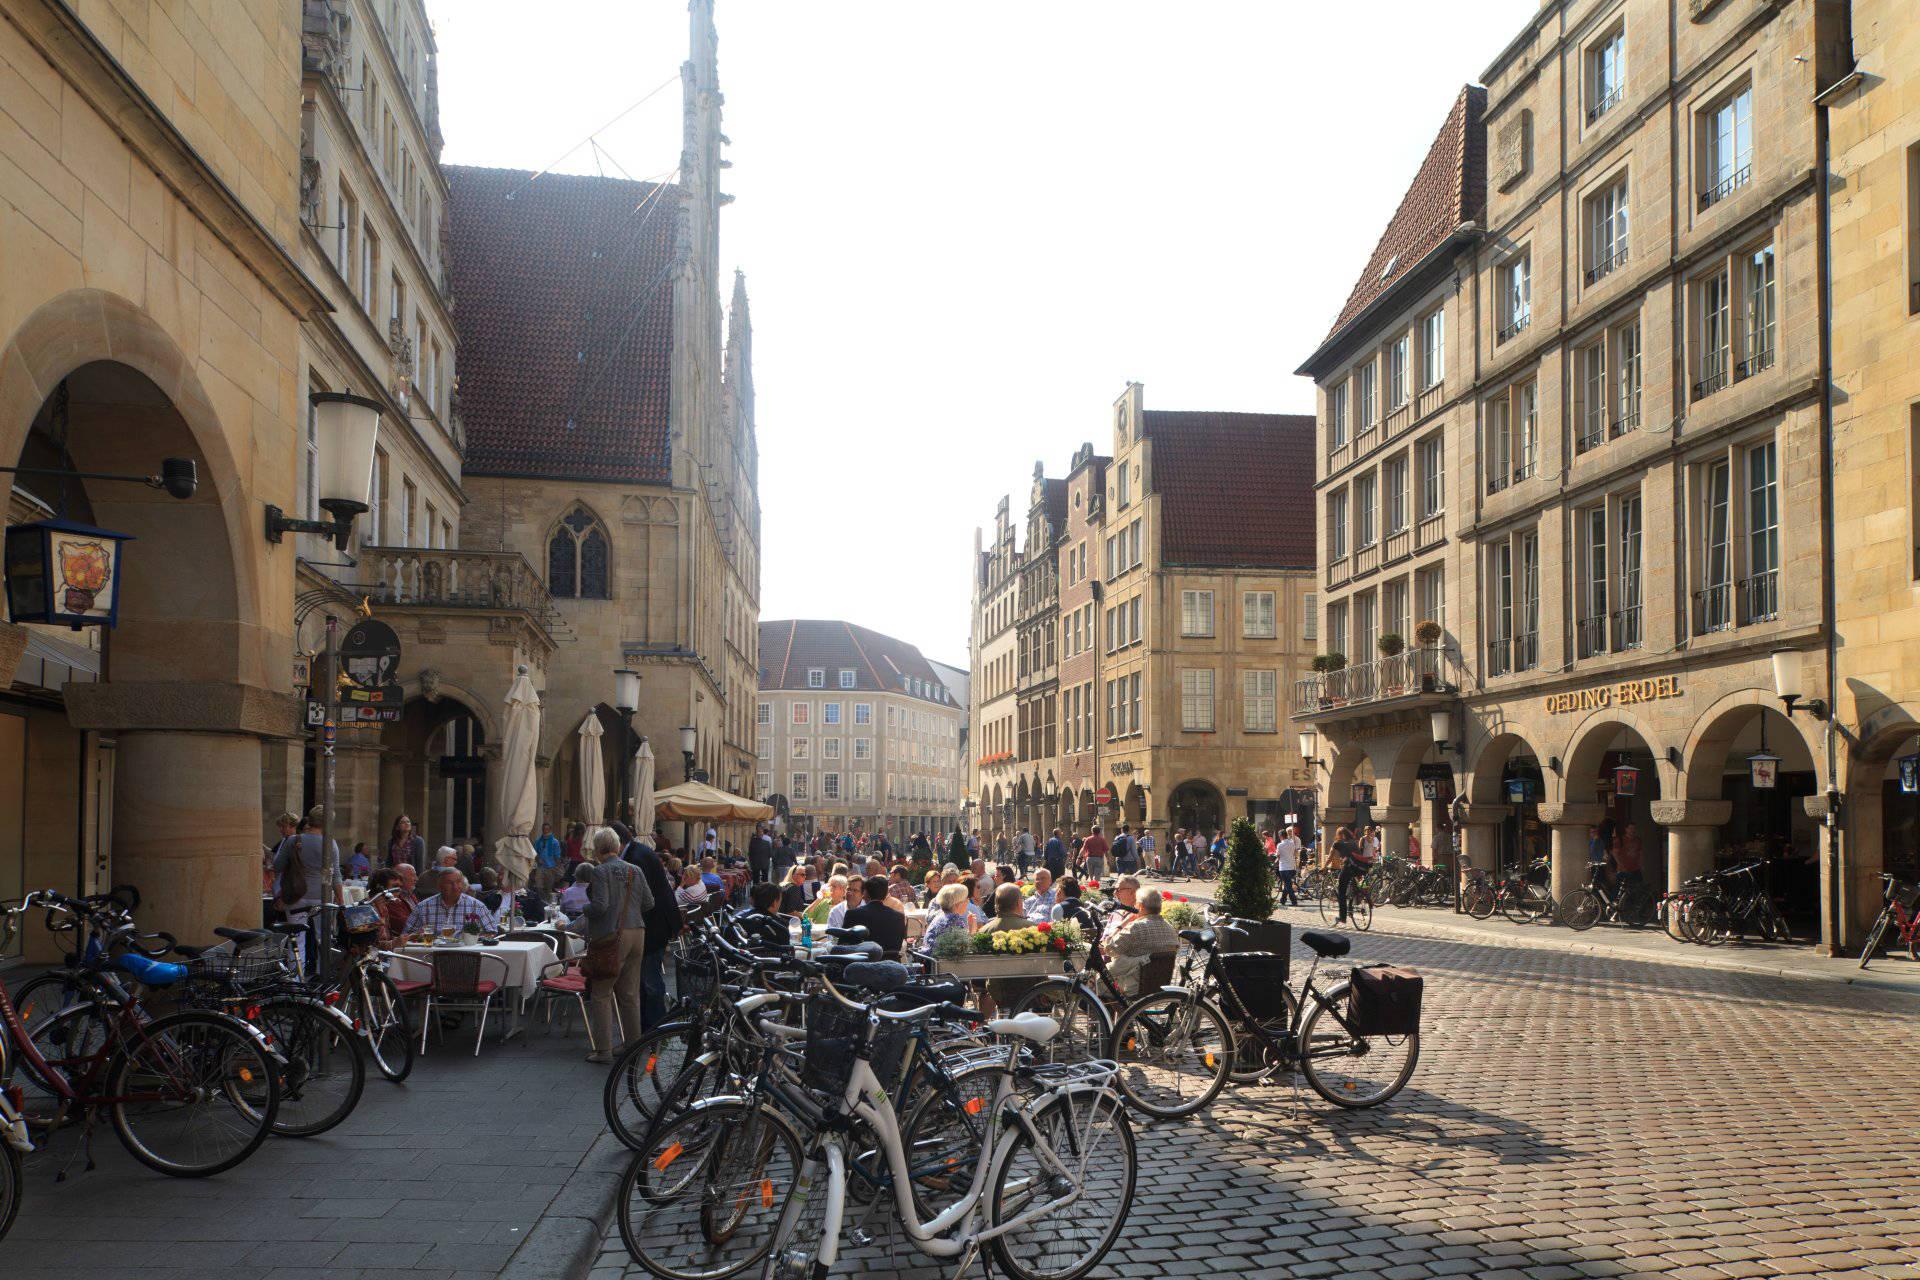 Fahrräder in der Innenstadt von Münster